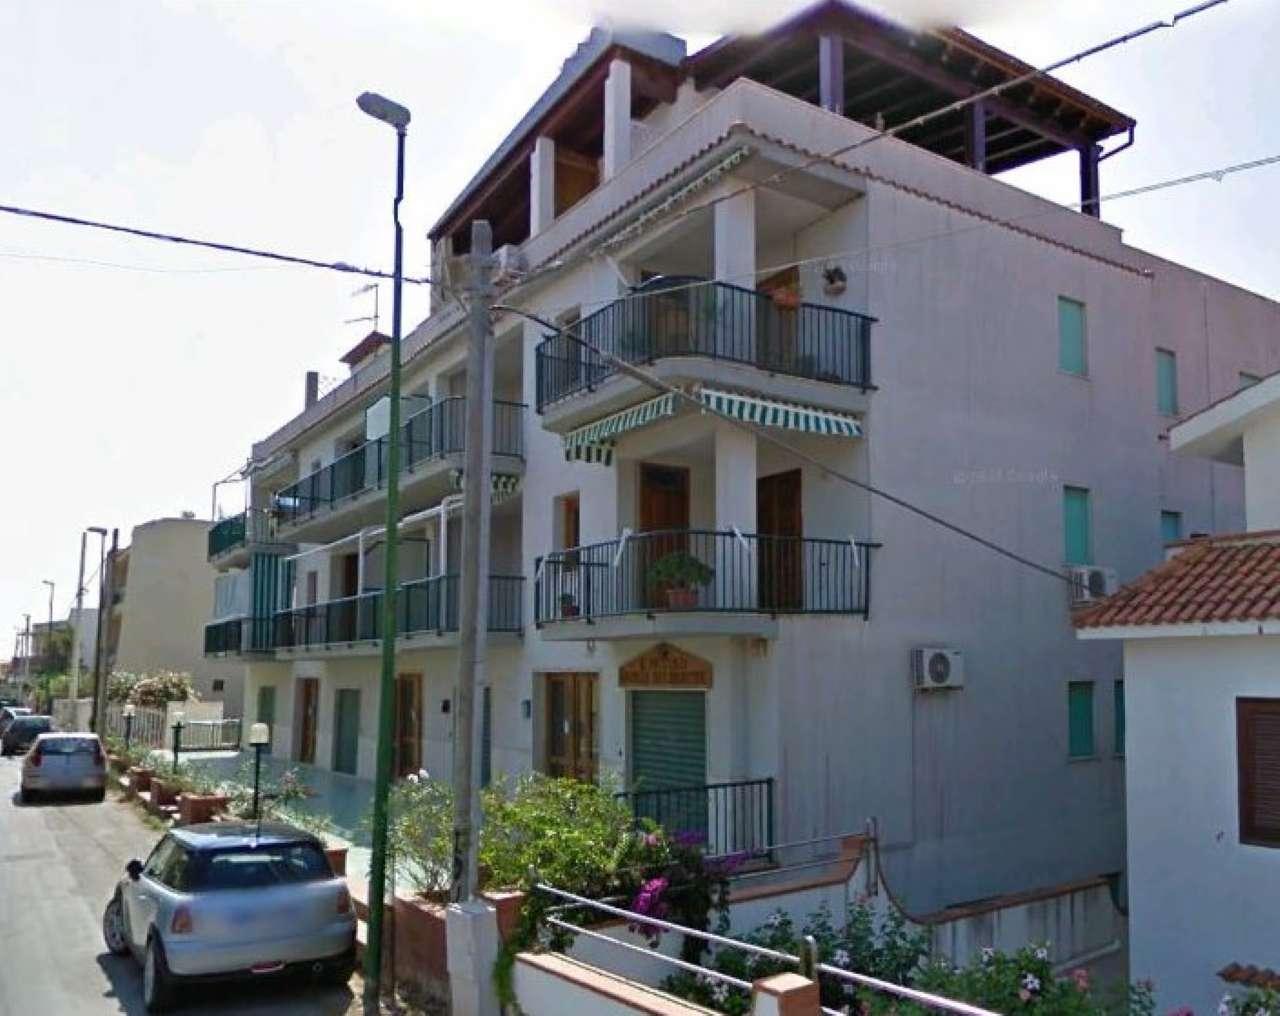 Appartamento in vendita a Castelvetrano, 5 locali, prezzo € 140.000 | PortaleAgenzieImmobiliari.it